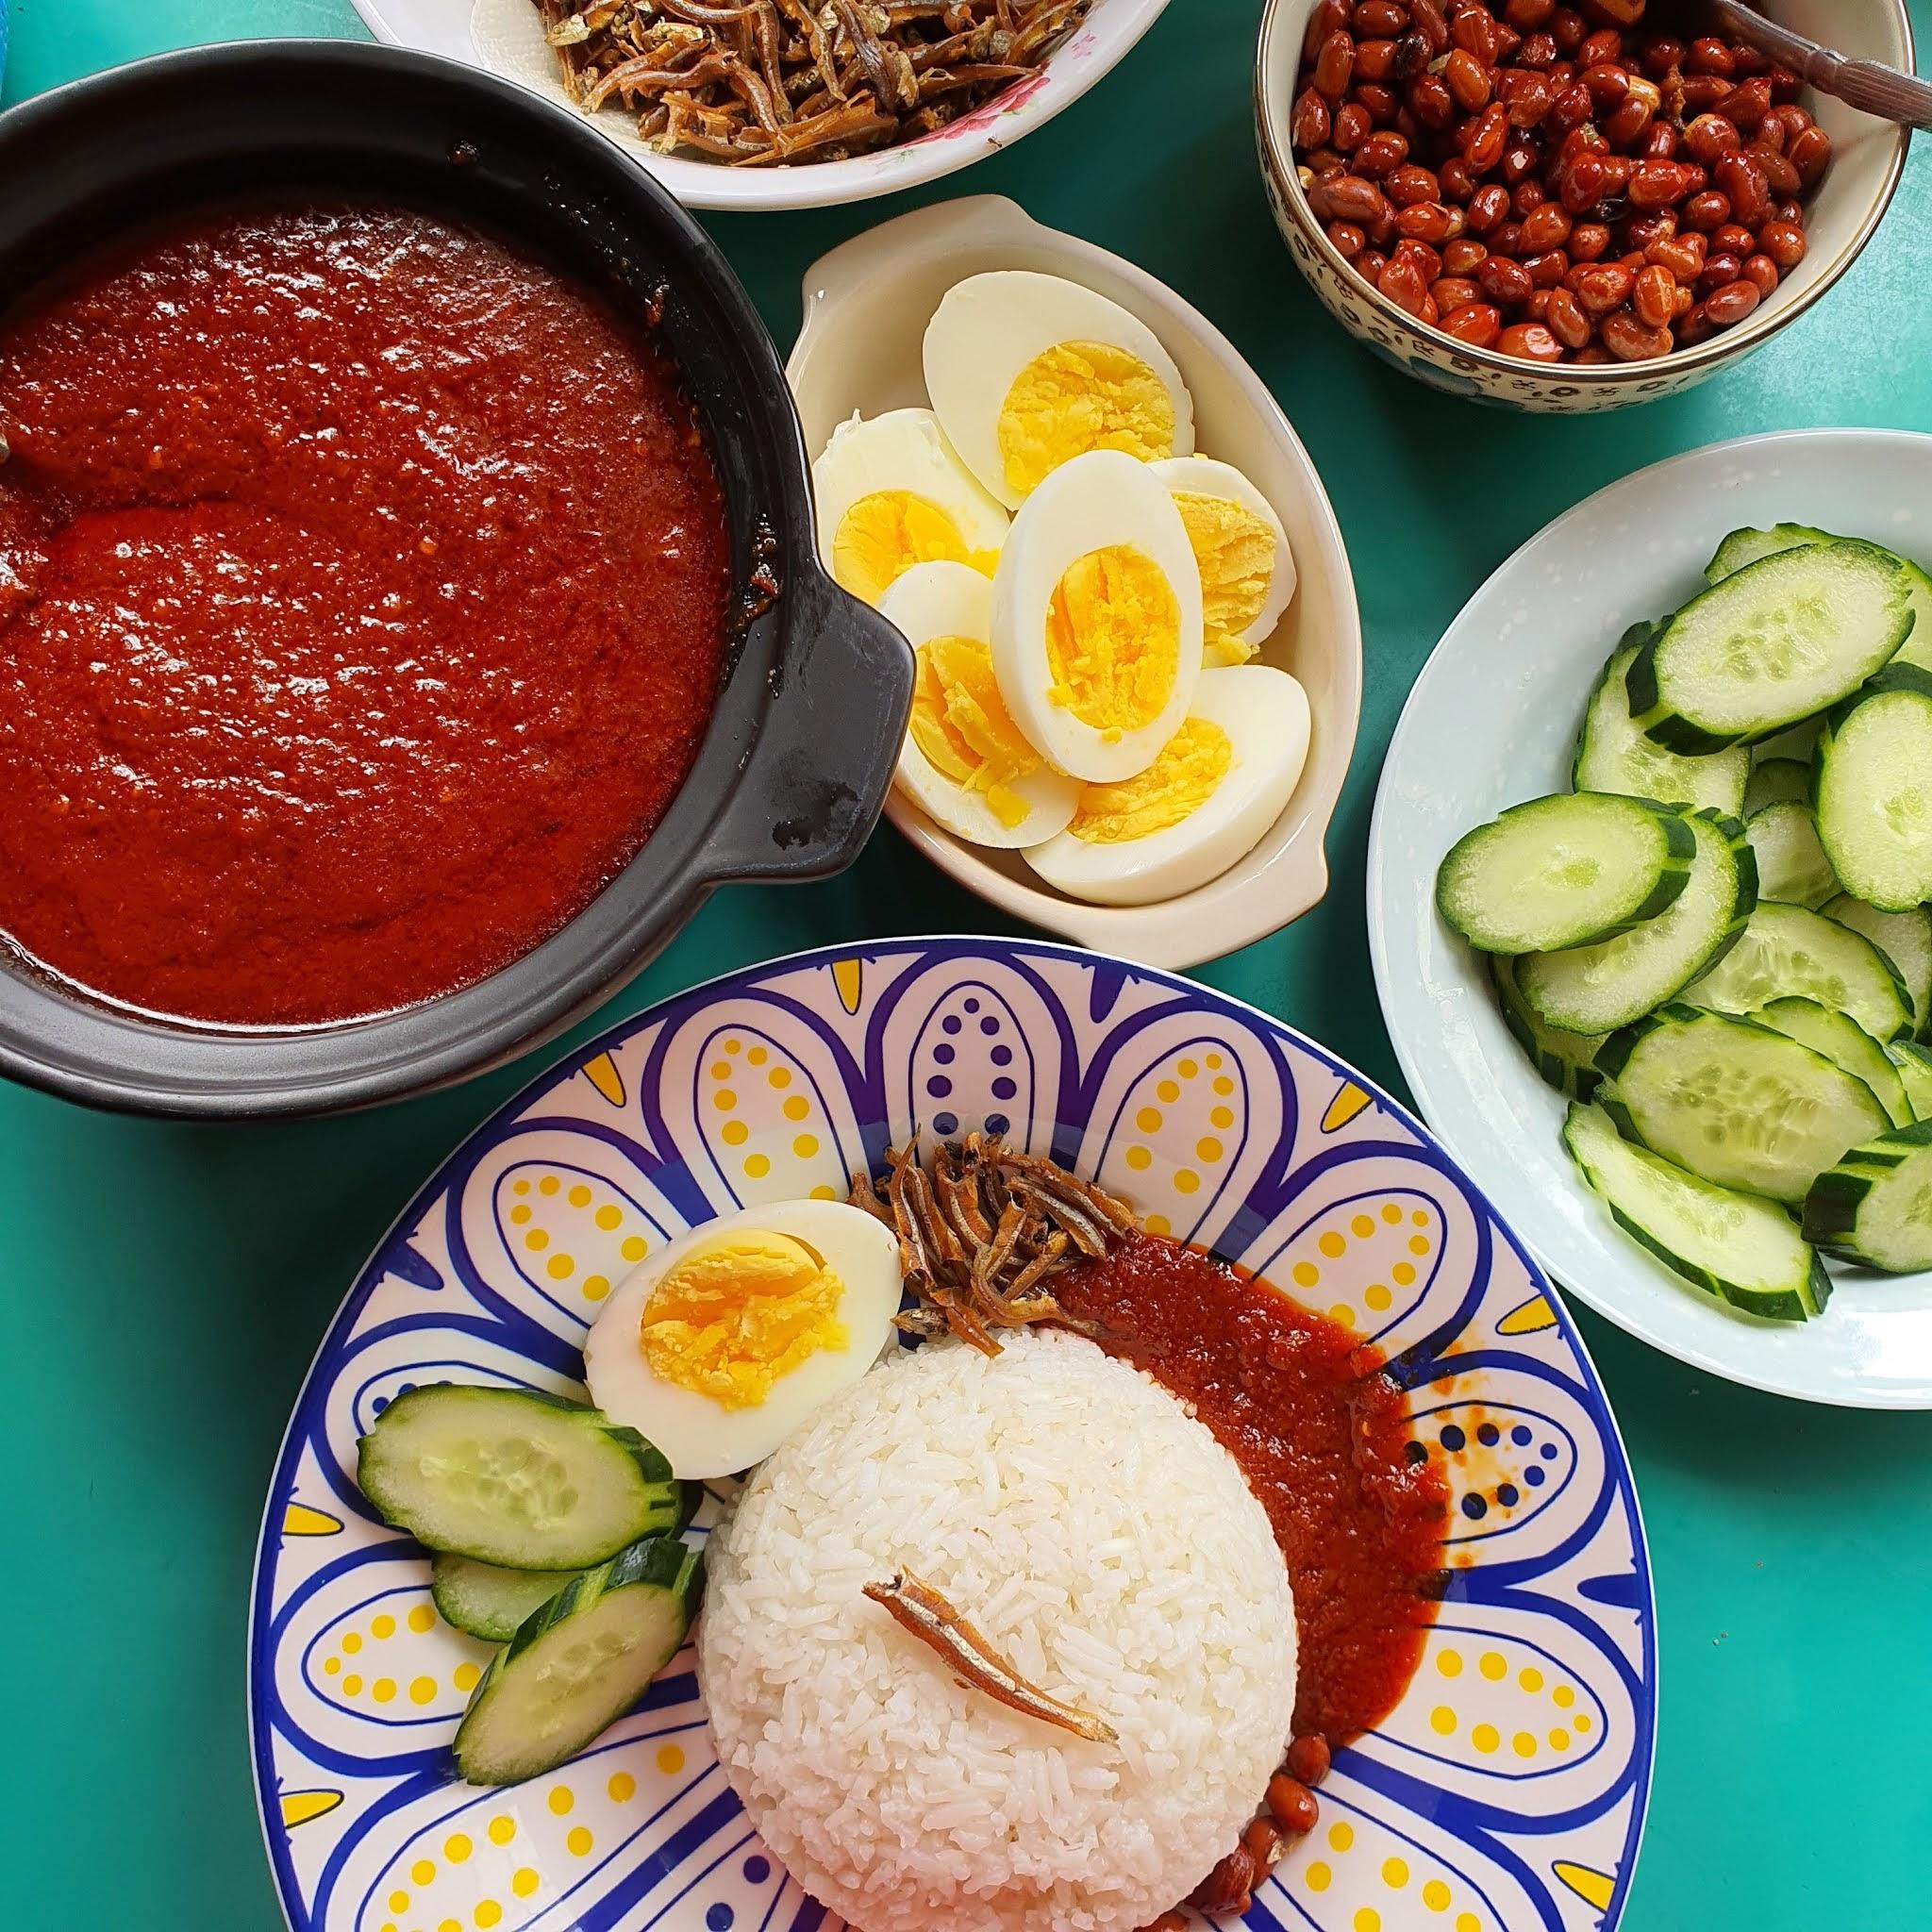 nasi lemak, simple nasi lemak, resepi nasi lemak, nasi lemak wikipedia bahasa melayu, resepi nasi lemak tradisional, nasi lemak wikipedia,